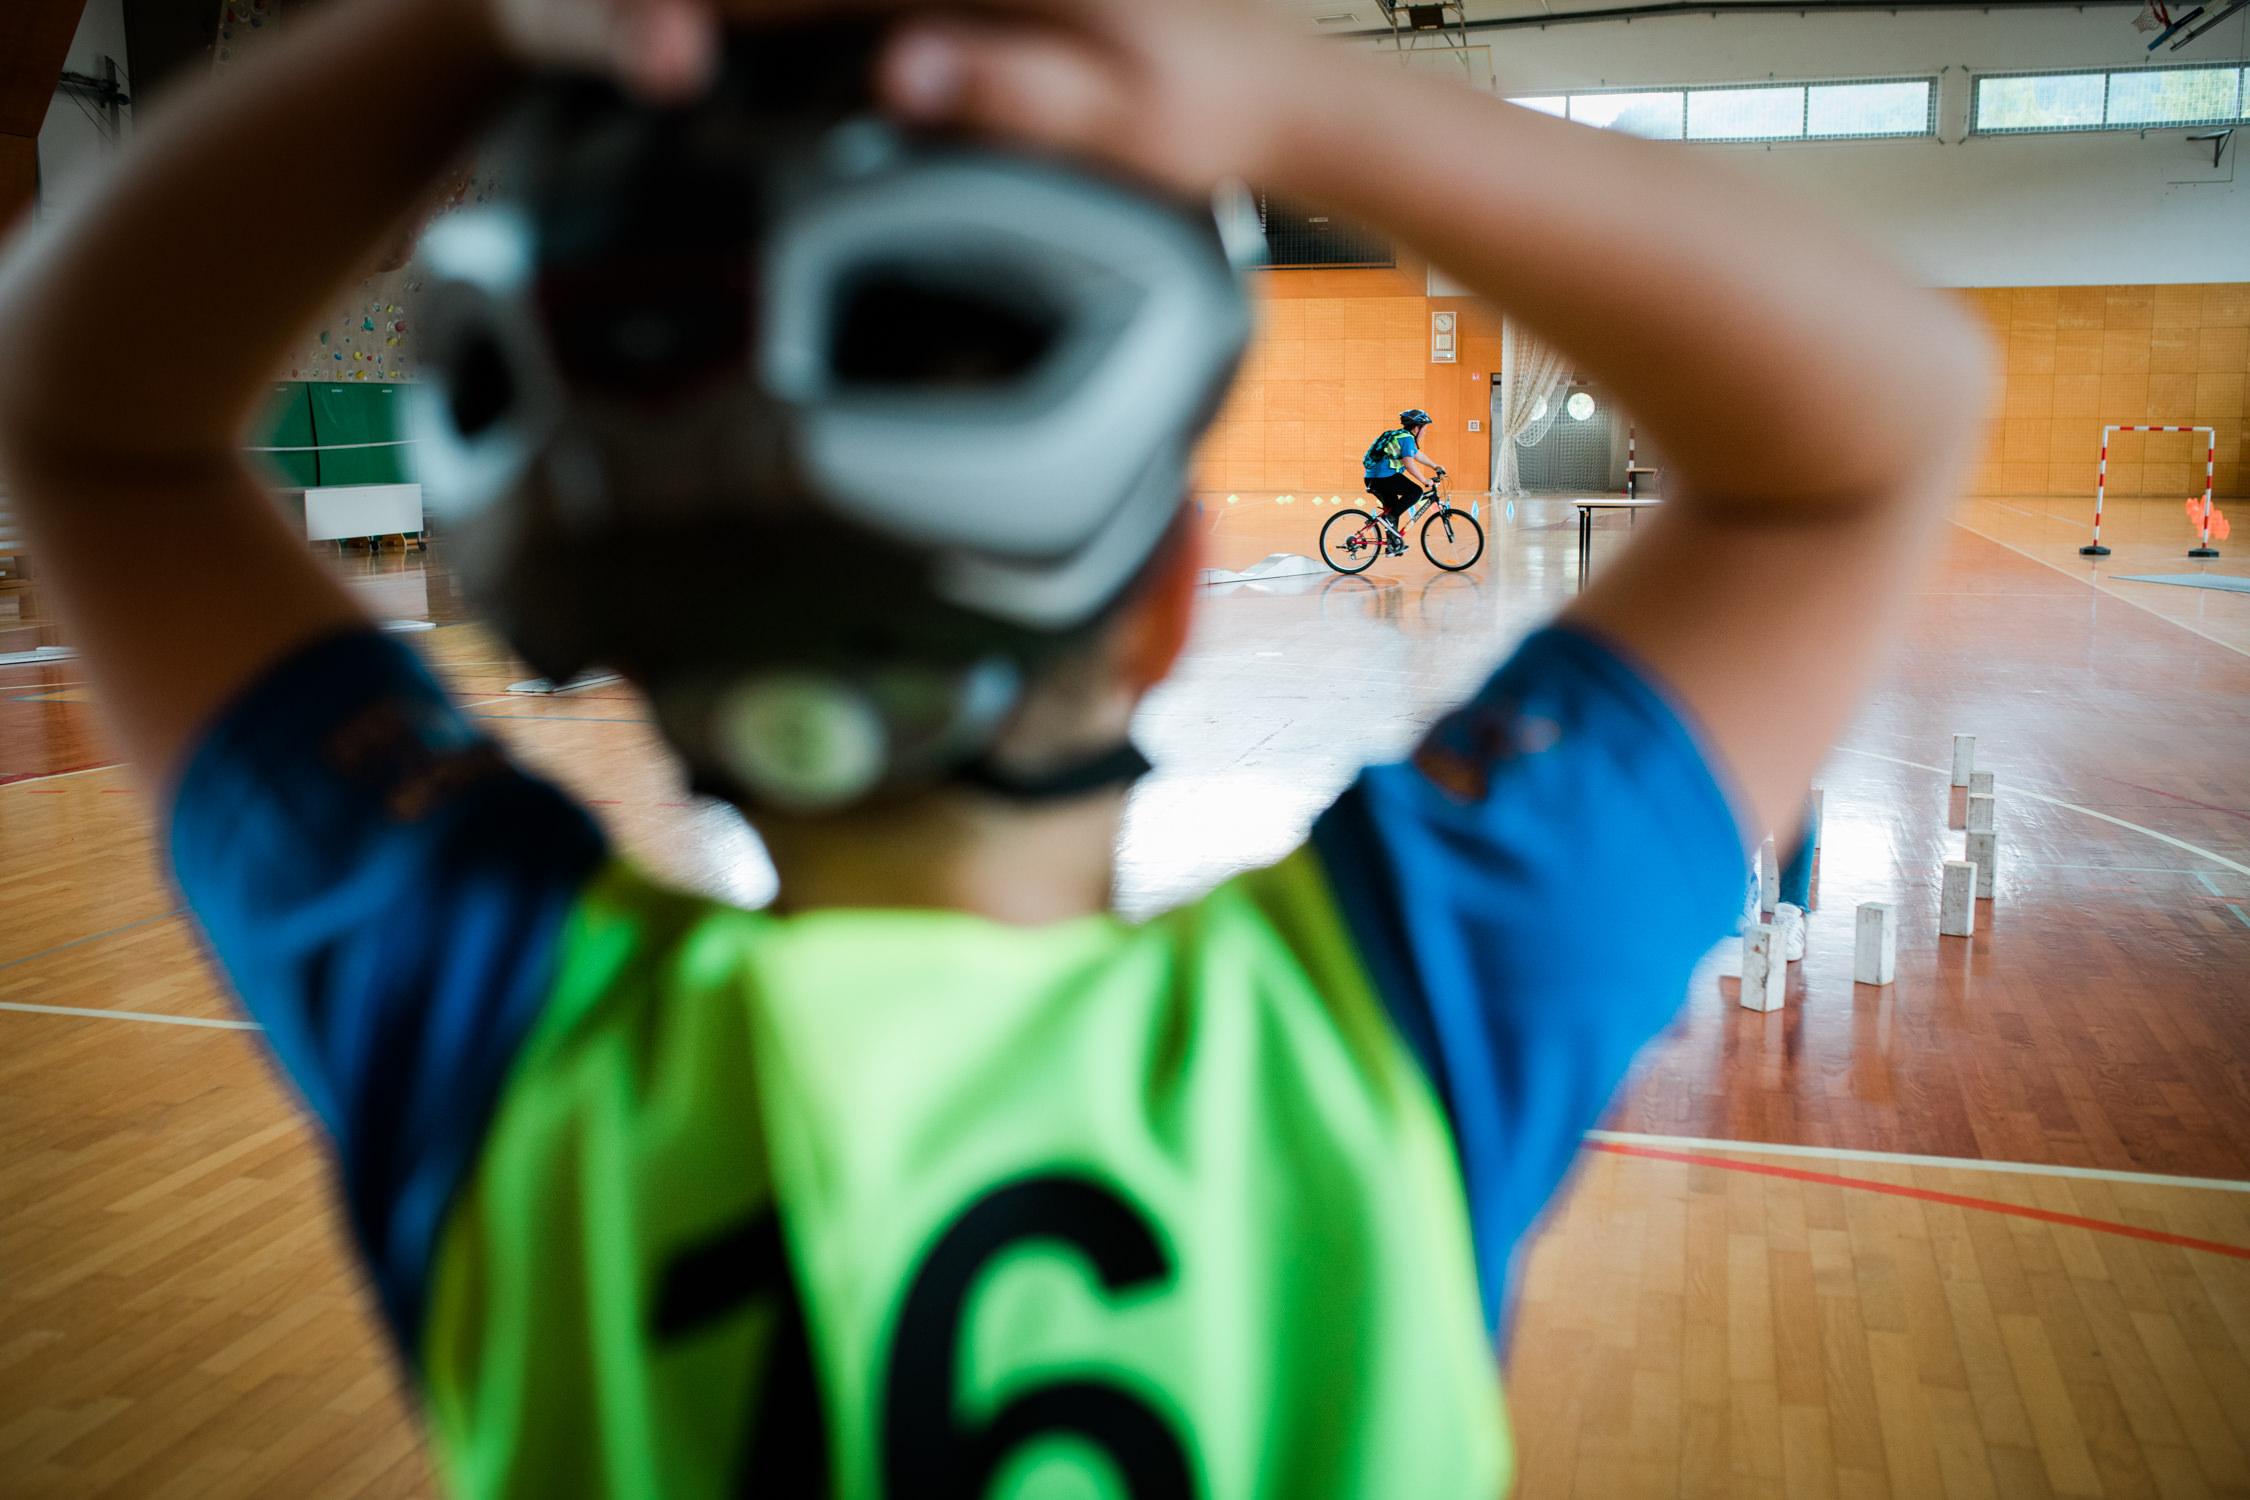 najboljsi-mladi-kolesar-2019_male-70